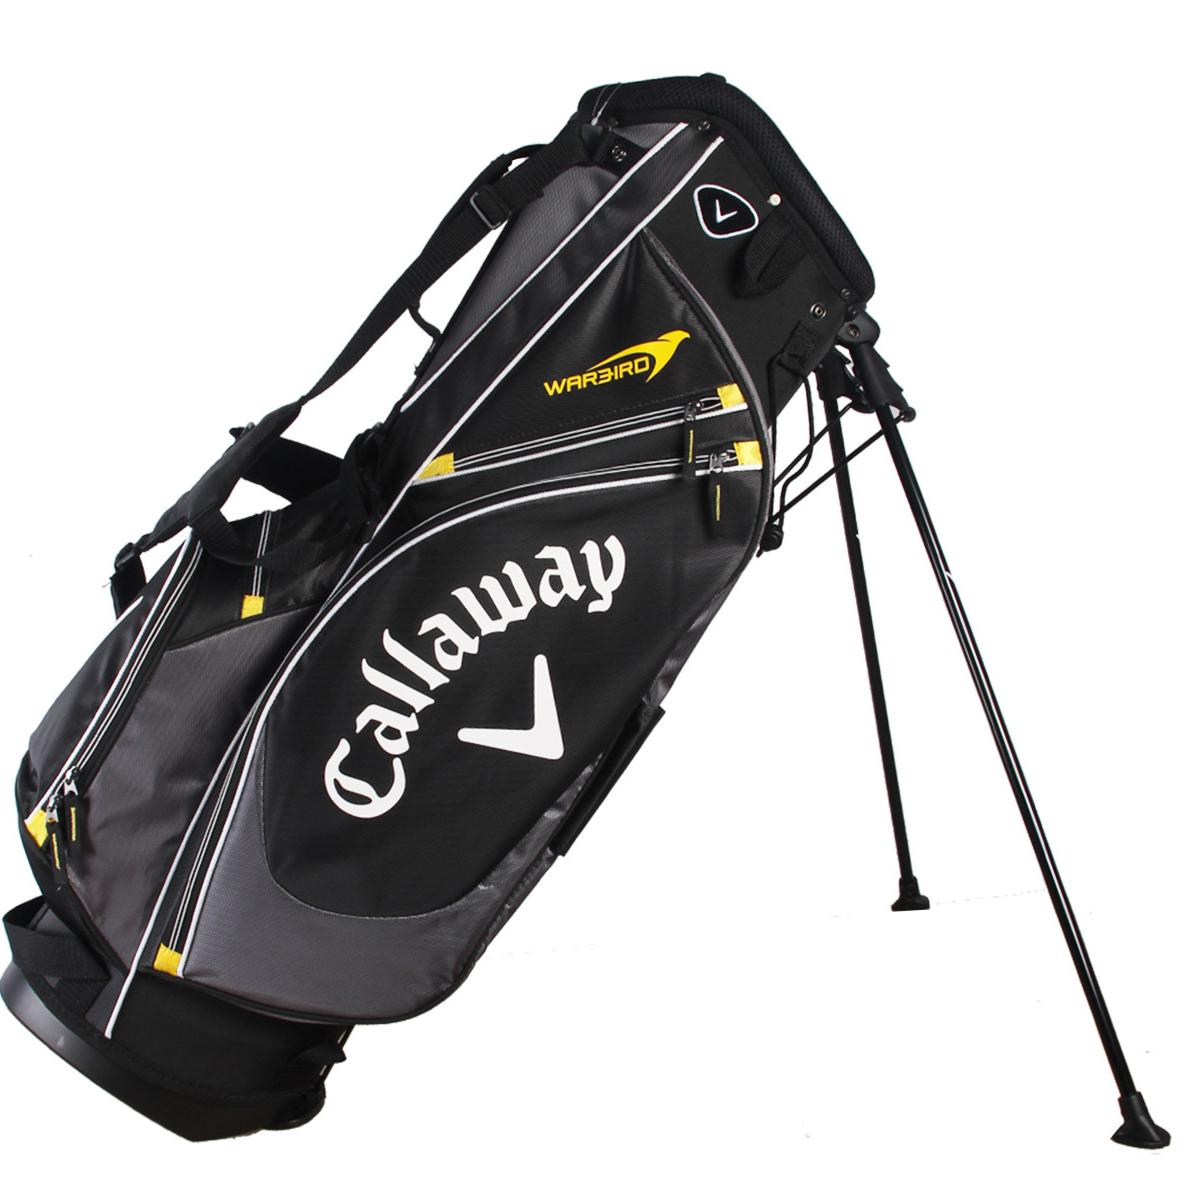 Callaway Golf Warbird Stand Bag From American Golf